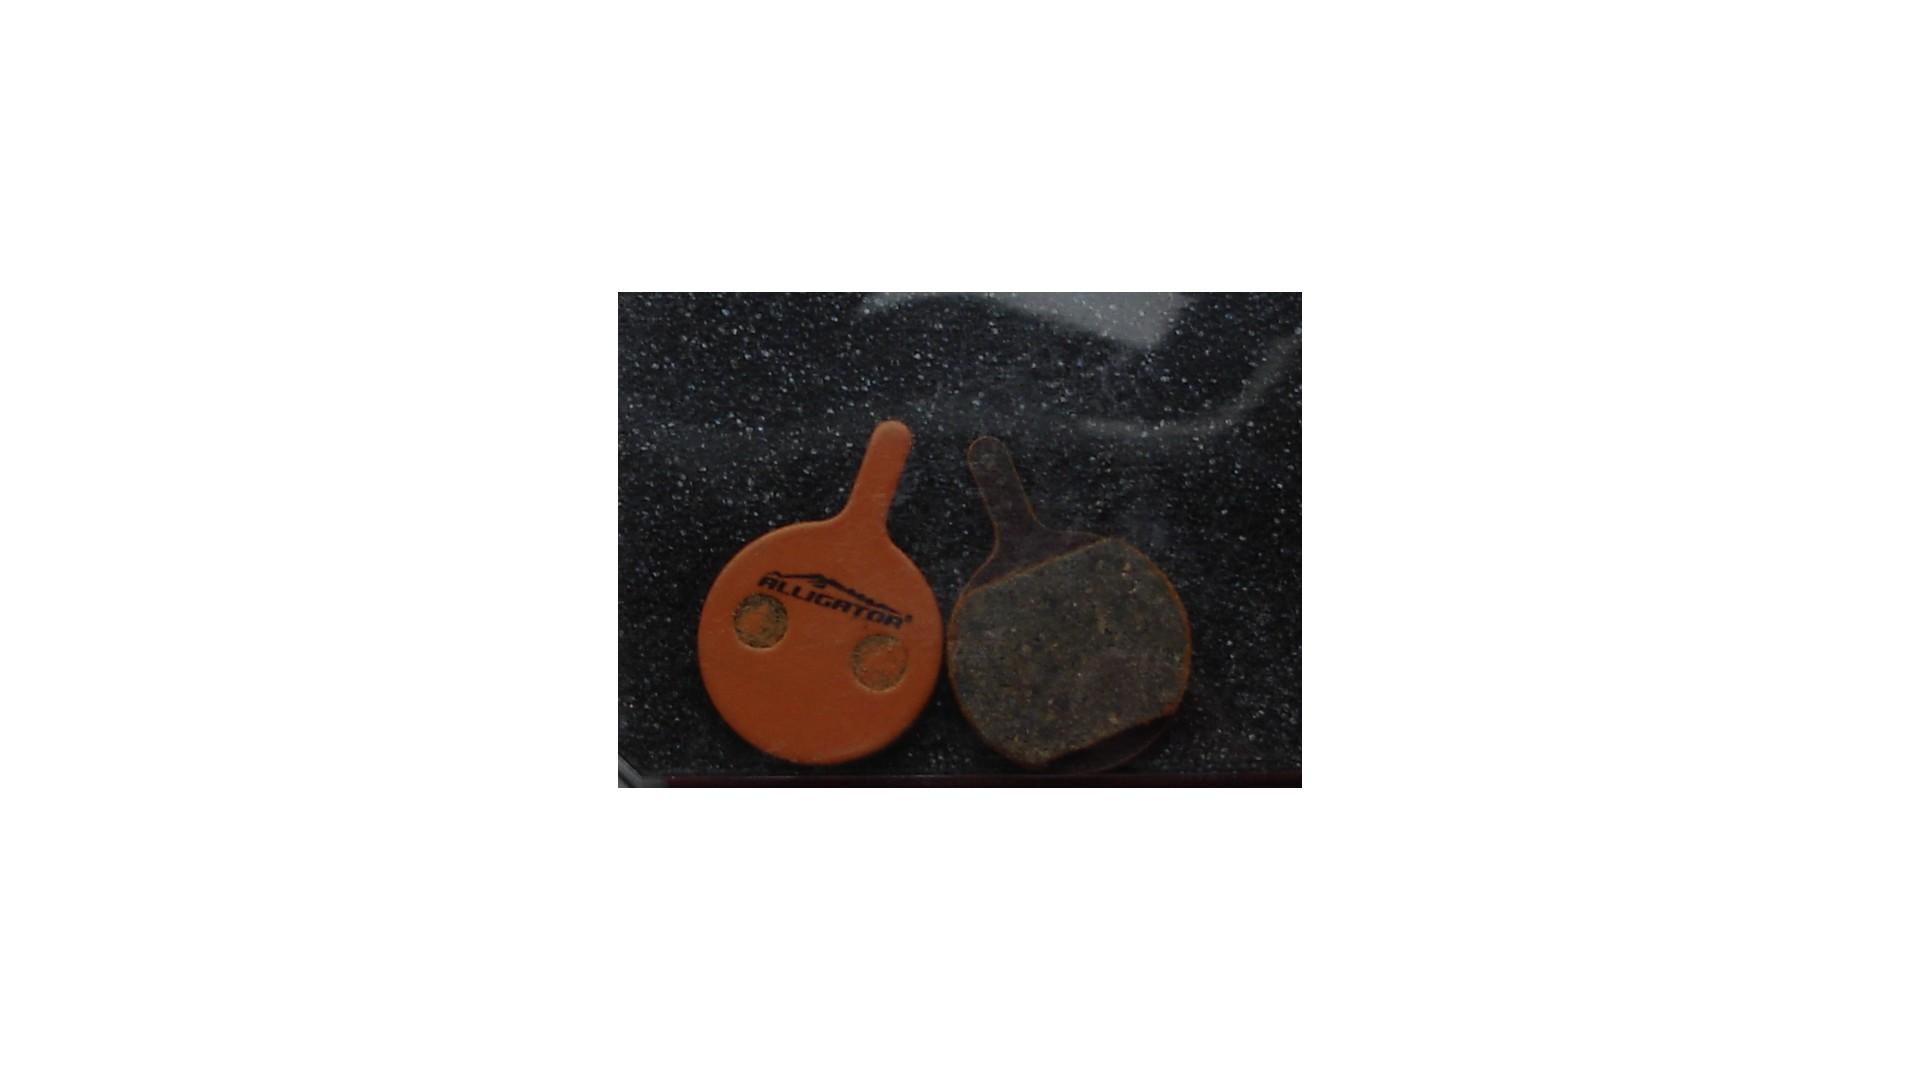 Тормозные колодки Alligator Magura Louise/Clara 2000 для дисковых тормозов